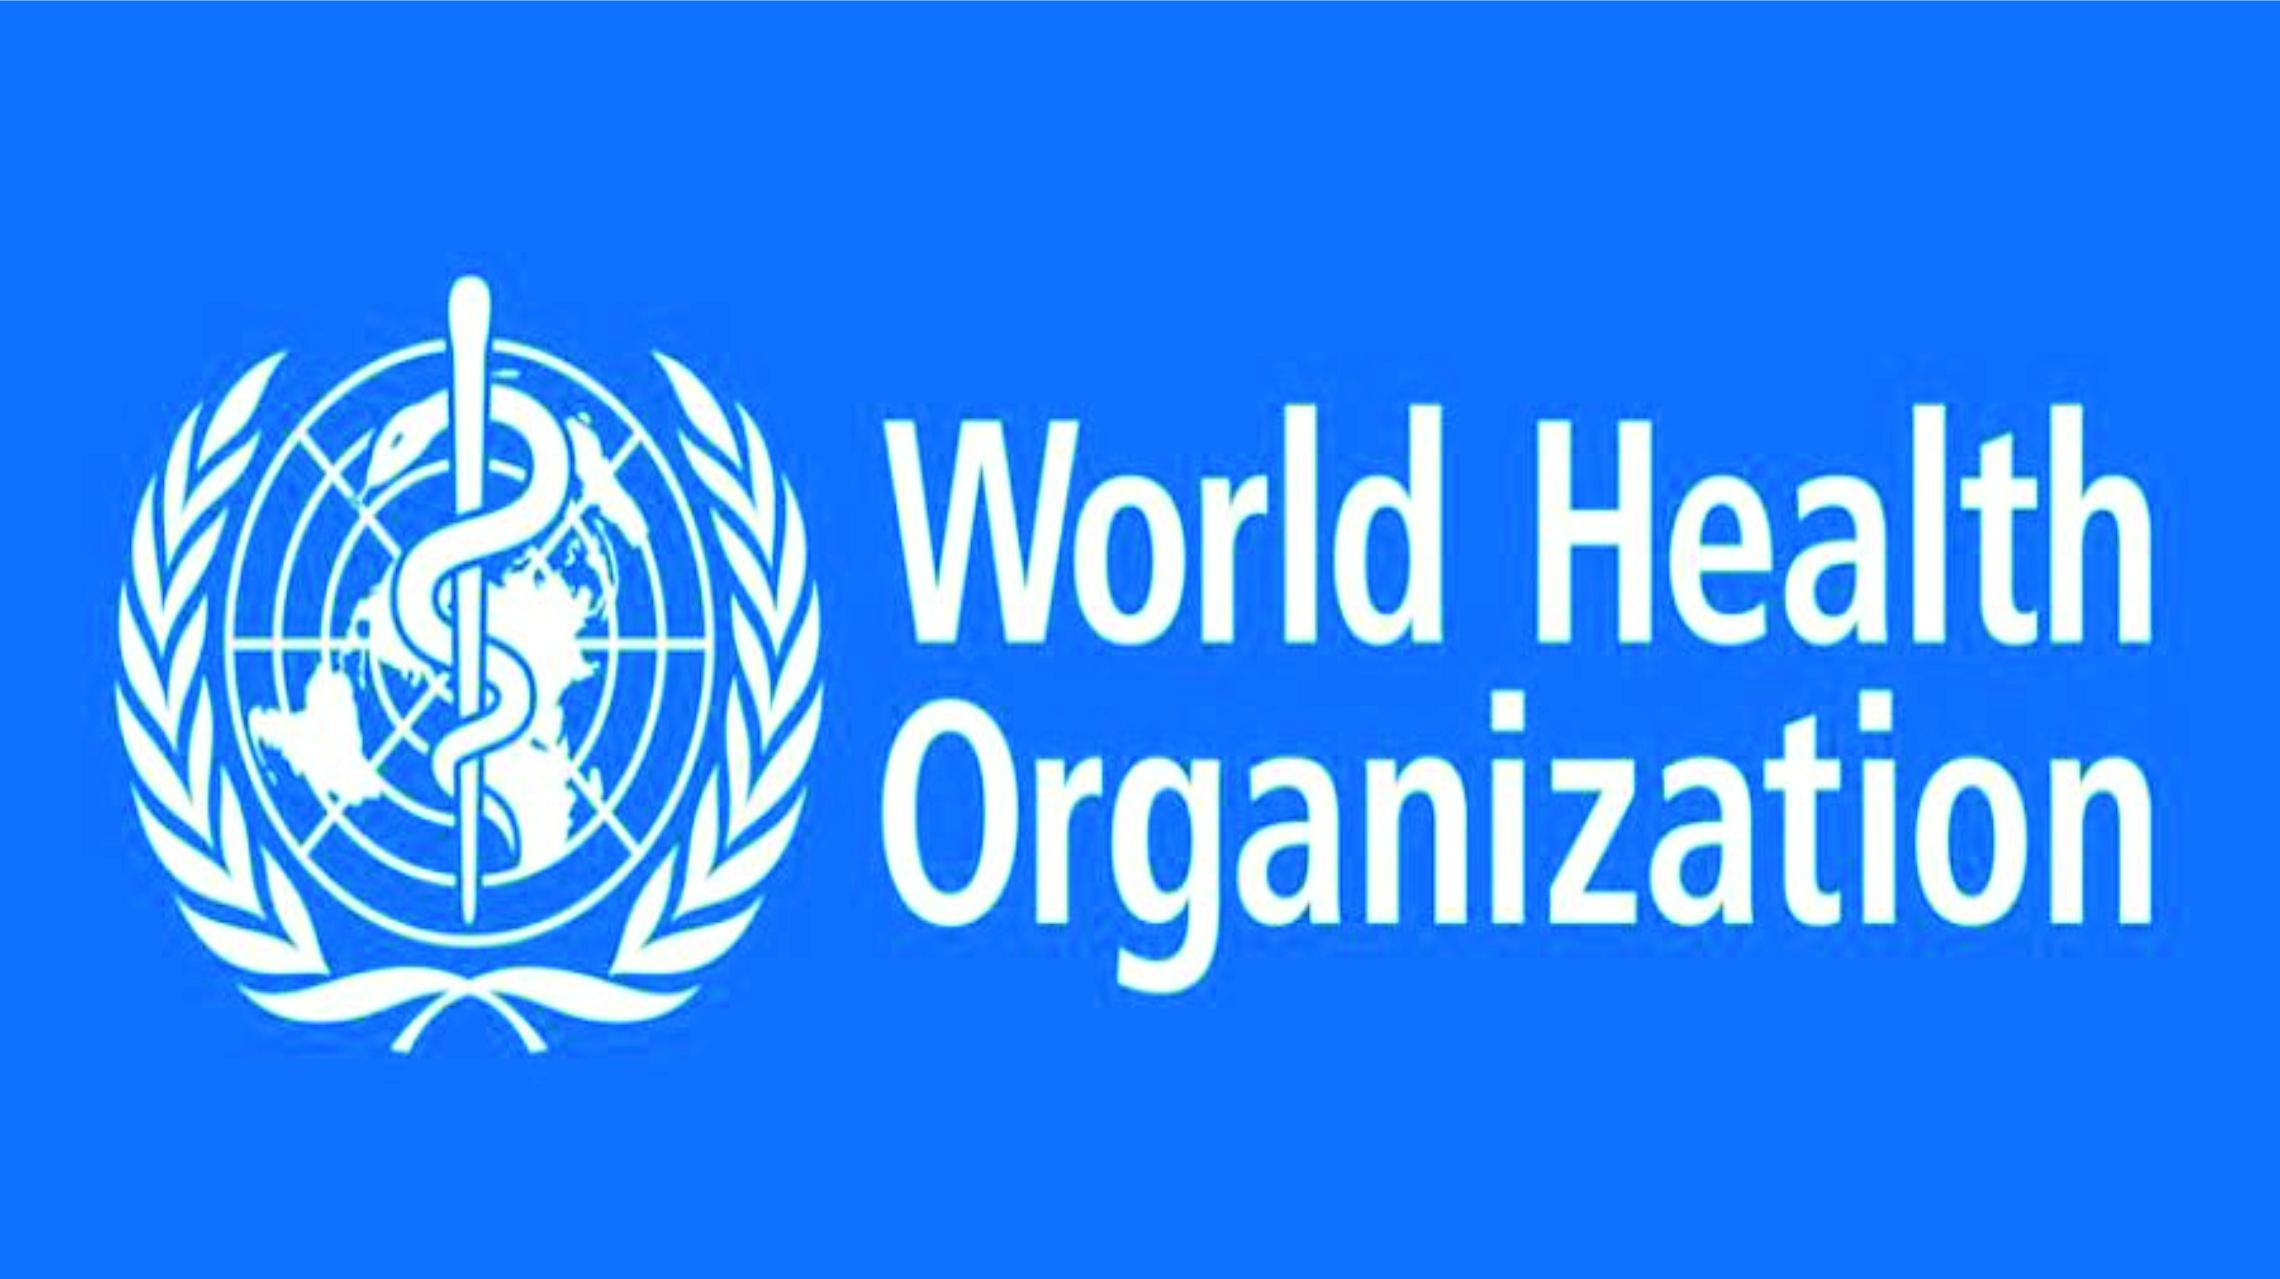 मास्क प्रयोगसम्बन्धी विश्व स्वास्थ्य सङ्गठन दिएको सुझावमा फेरी नयाँ अध्ययन सुरु